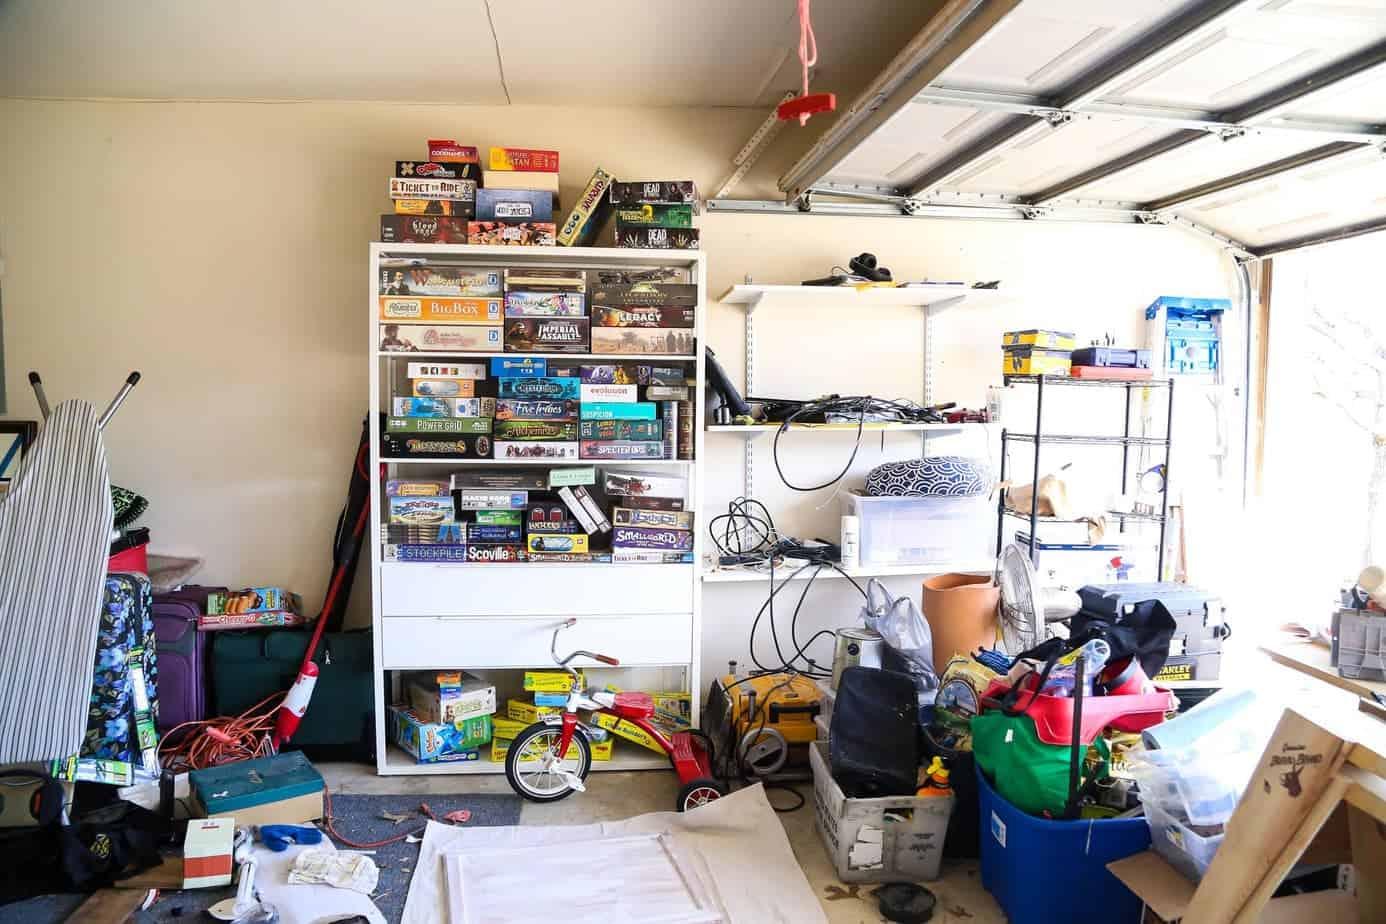 Garage organization and planning